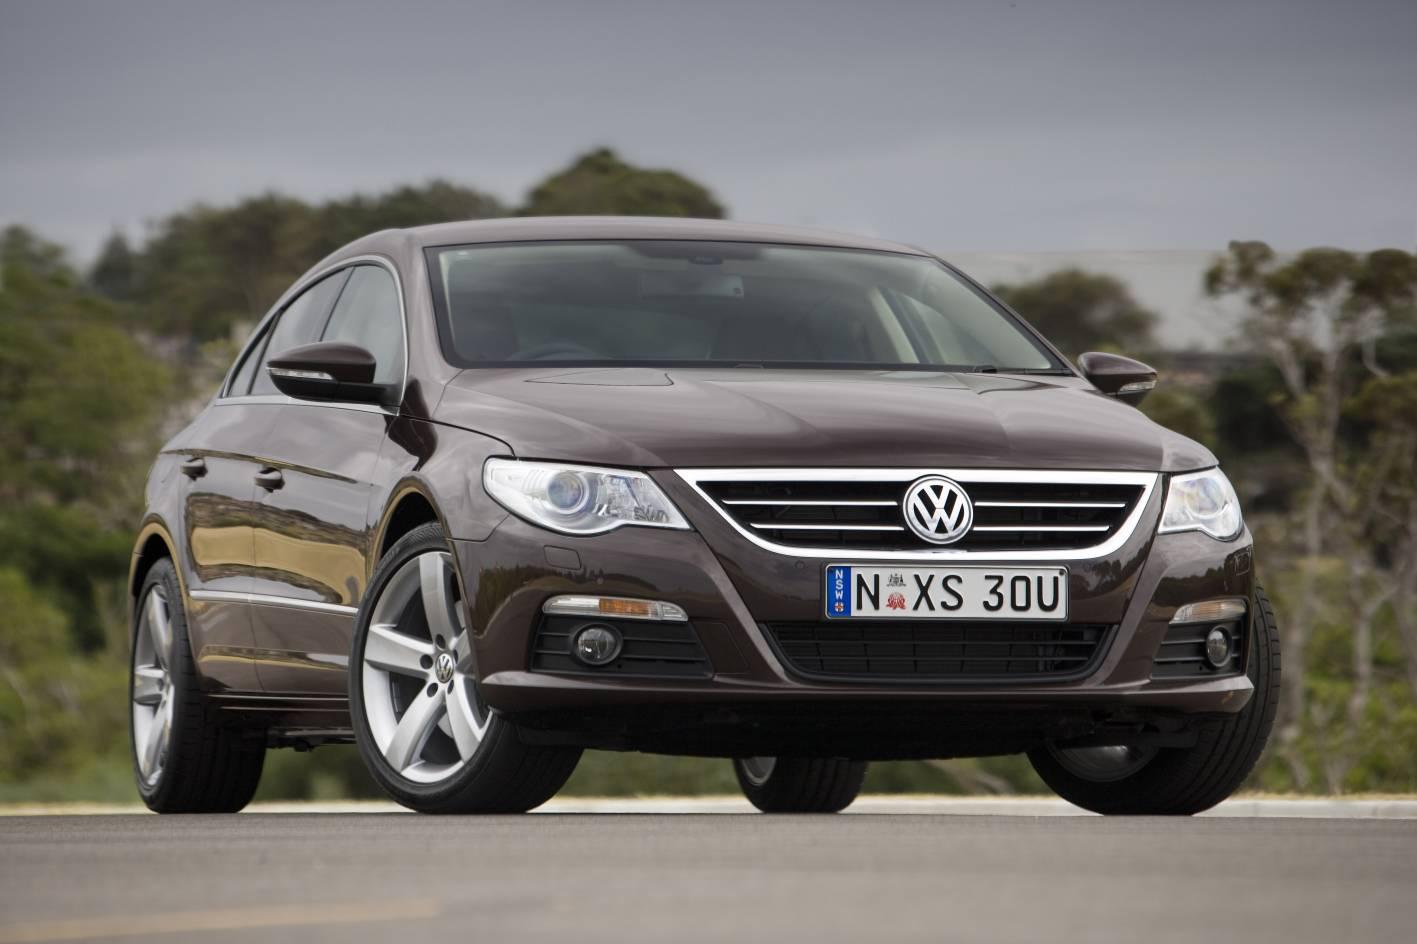 voitures de luxe location achat vente informations voiture de luxe volkswagen passat. Black Bedroom Furniture Sets. Home Design Ideas